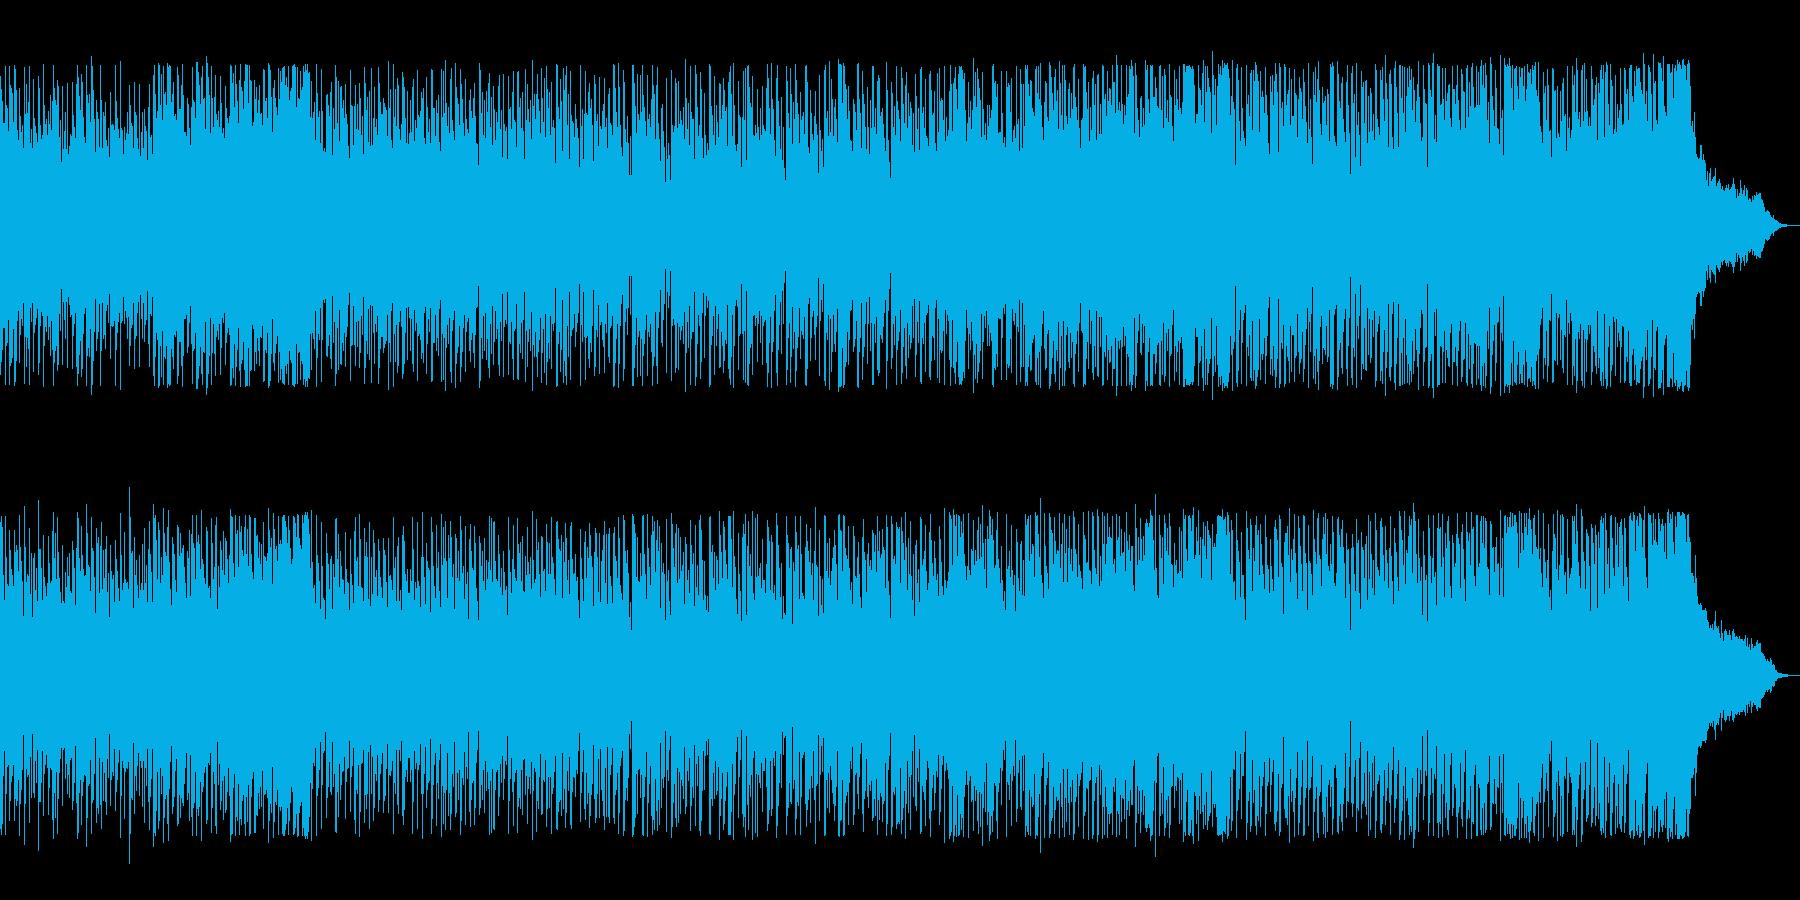 近未来的でリズミカルなテクノポップスの再生済みの波形